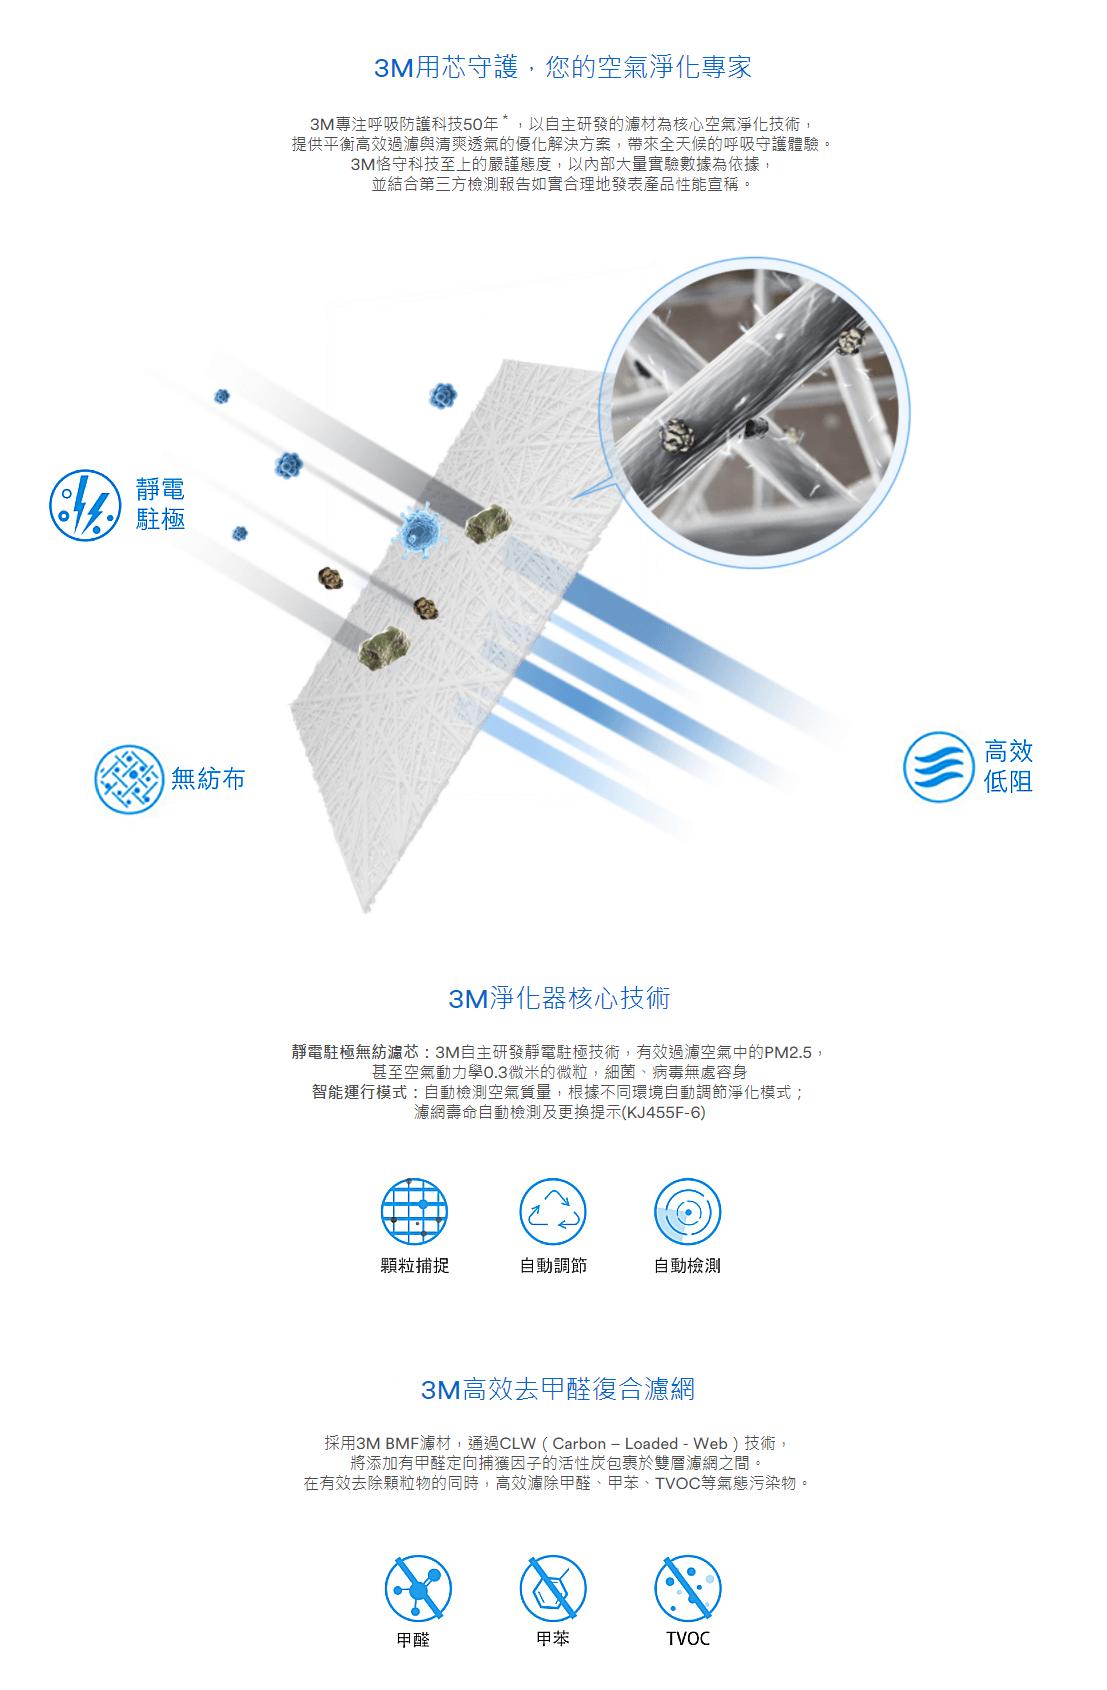 3M KJ306F-GD 387平方尺 PM0.003 空氣淨化器